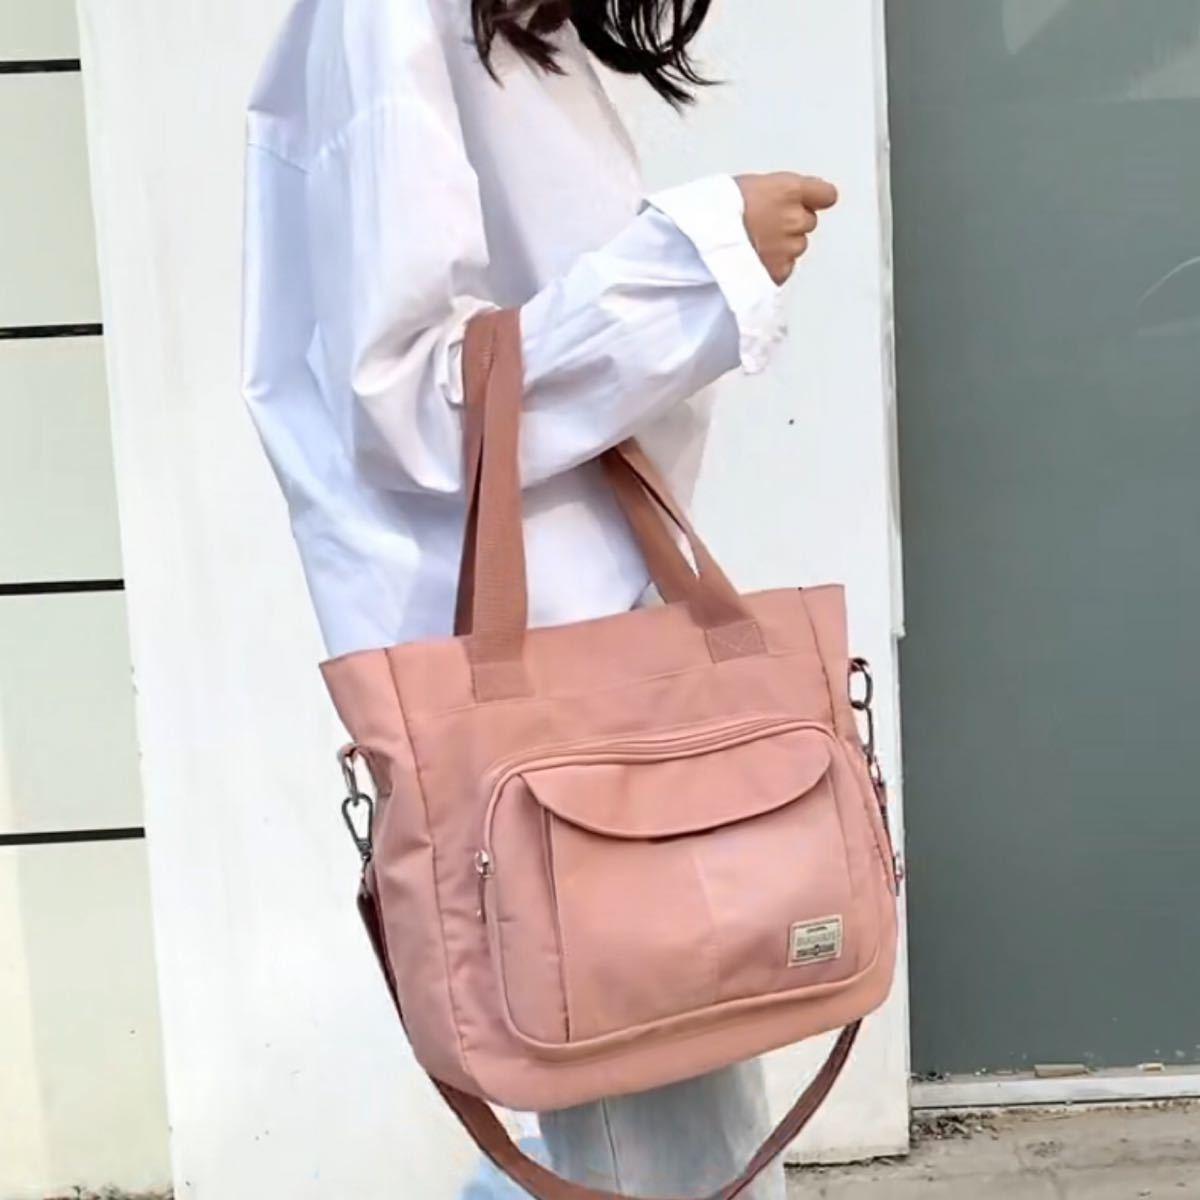 ショルダーバッグ レディース メンズ トートバッグ  メッセンジャーバッグ 2way 大容量 多機能 ナイロン 男女兼用 ピンク